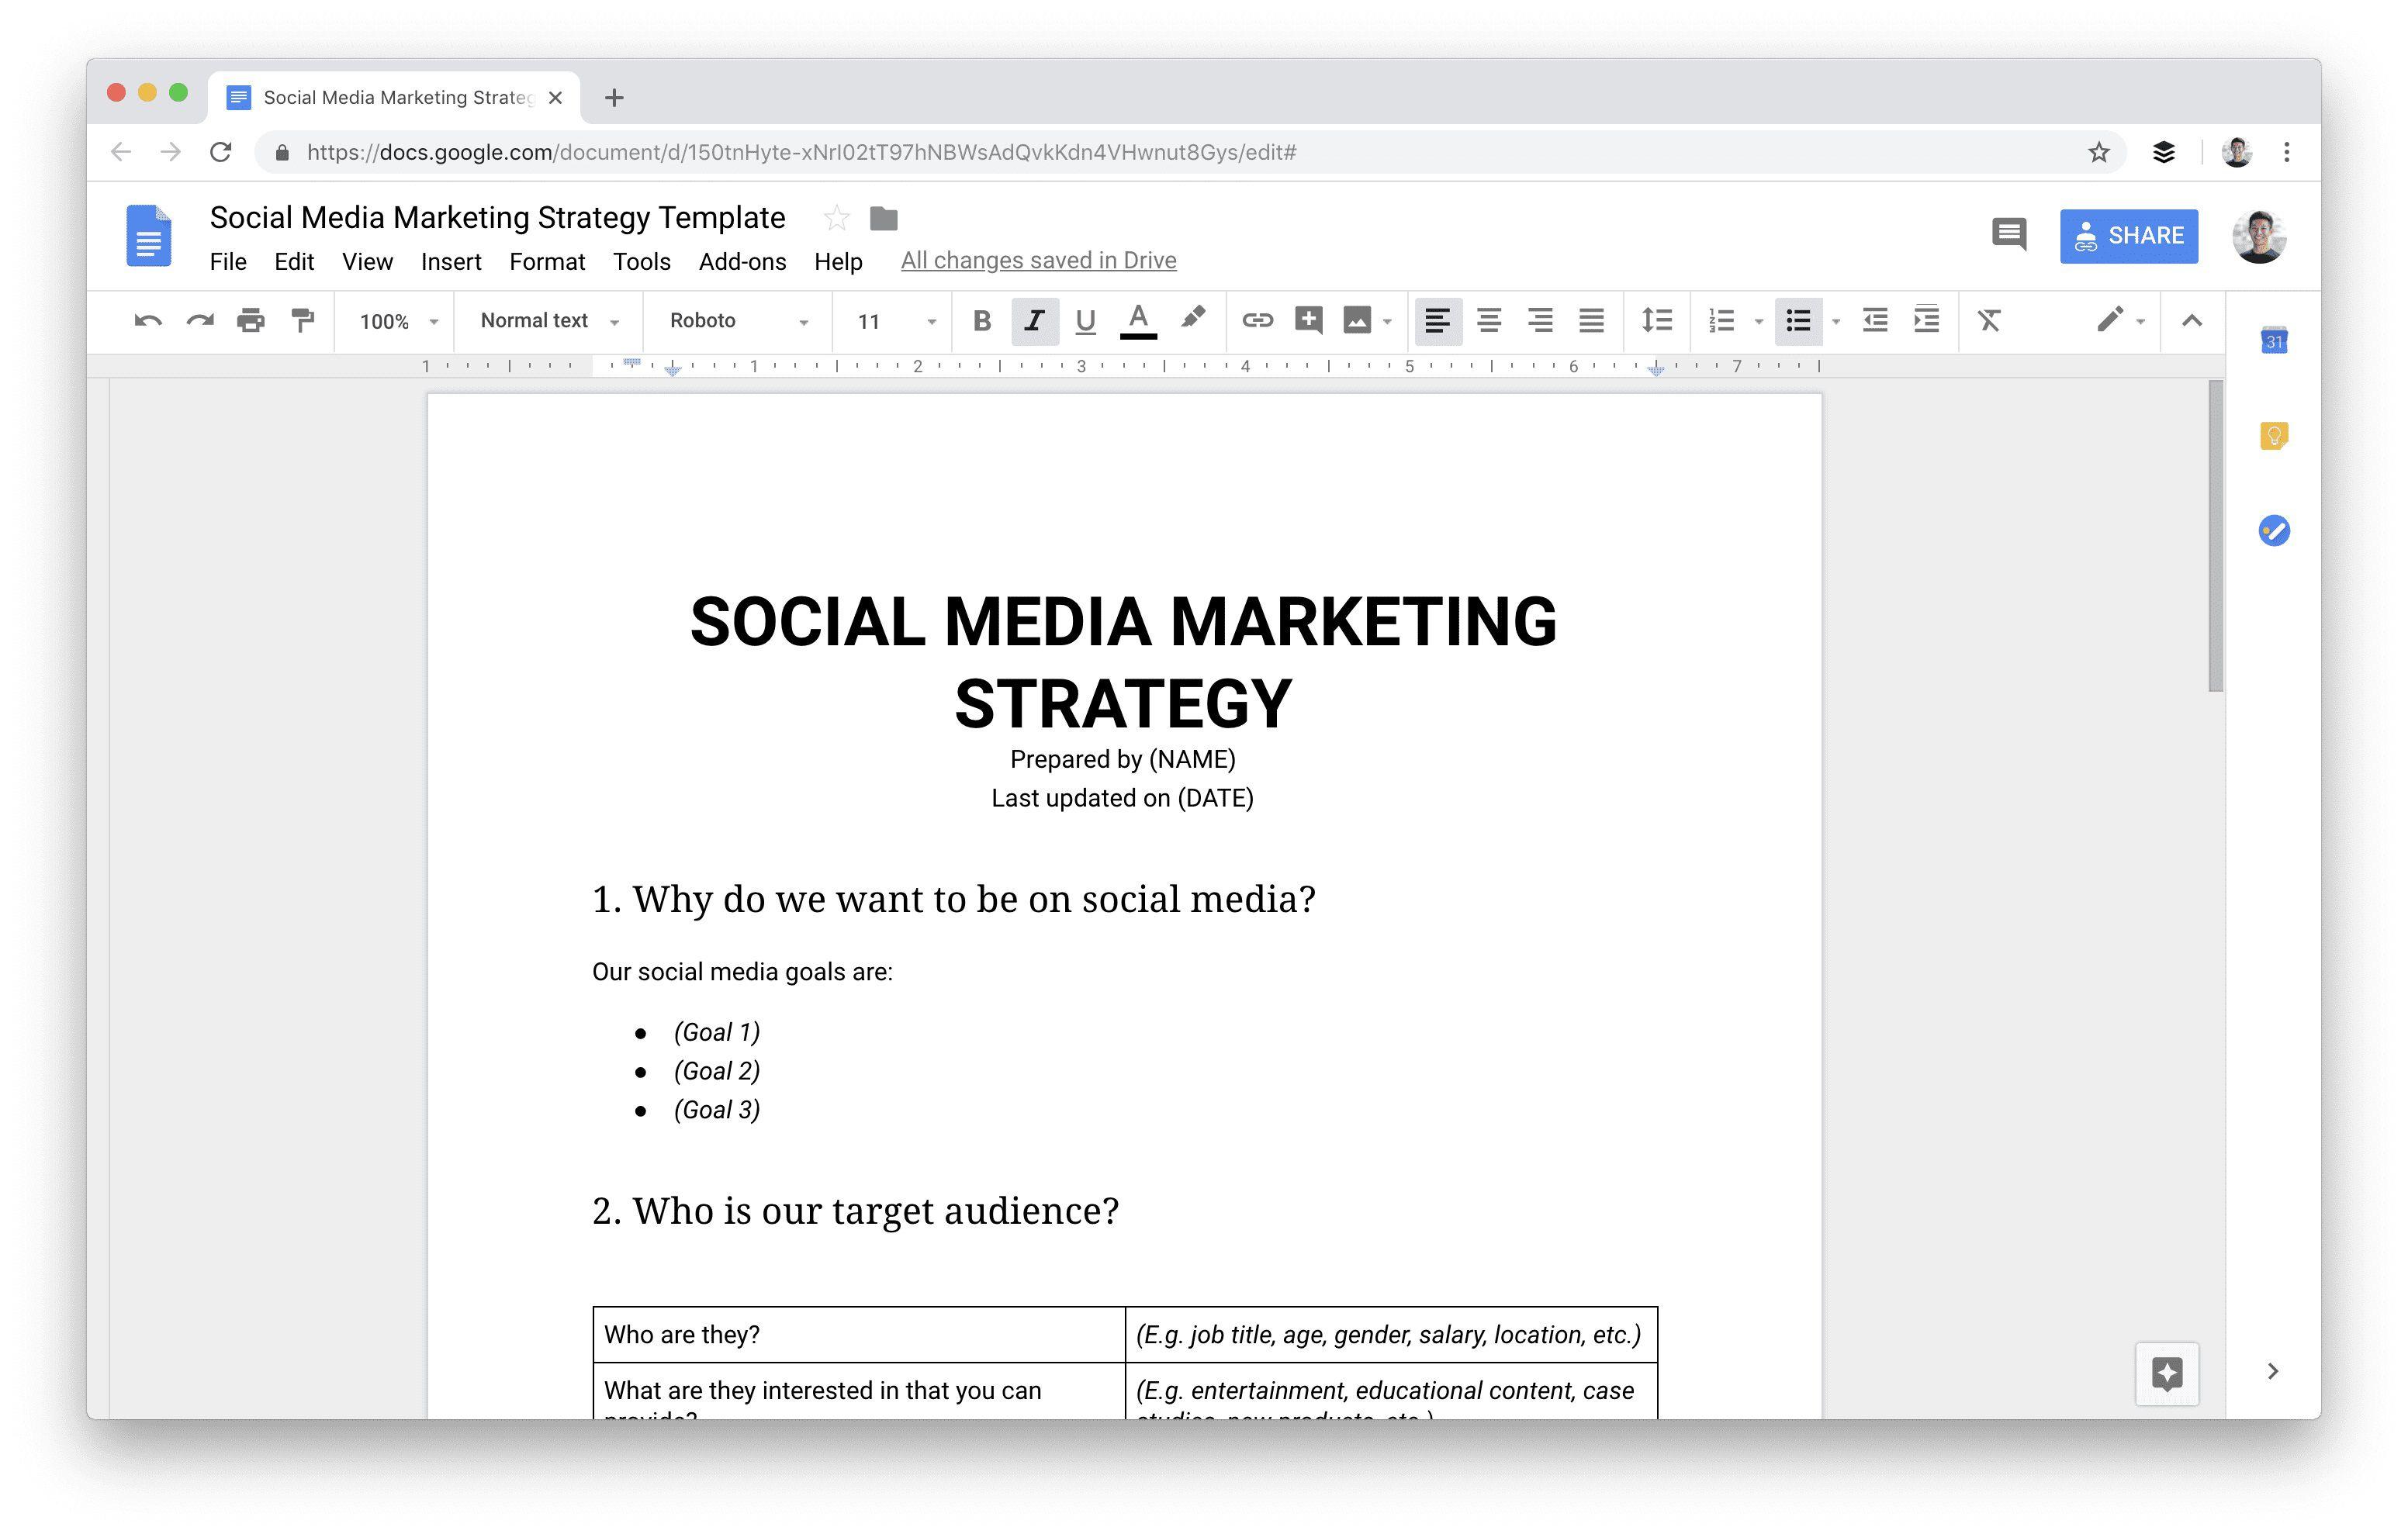 009 Marvelou Social Media Planning Template Image  Plan Sample Pdf Hubspot Excel Free DownloadFull